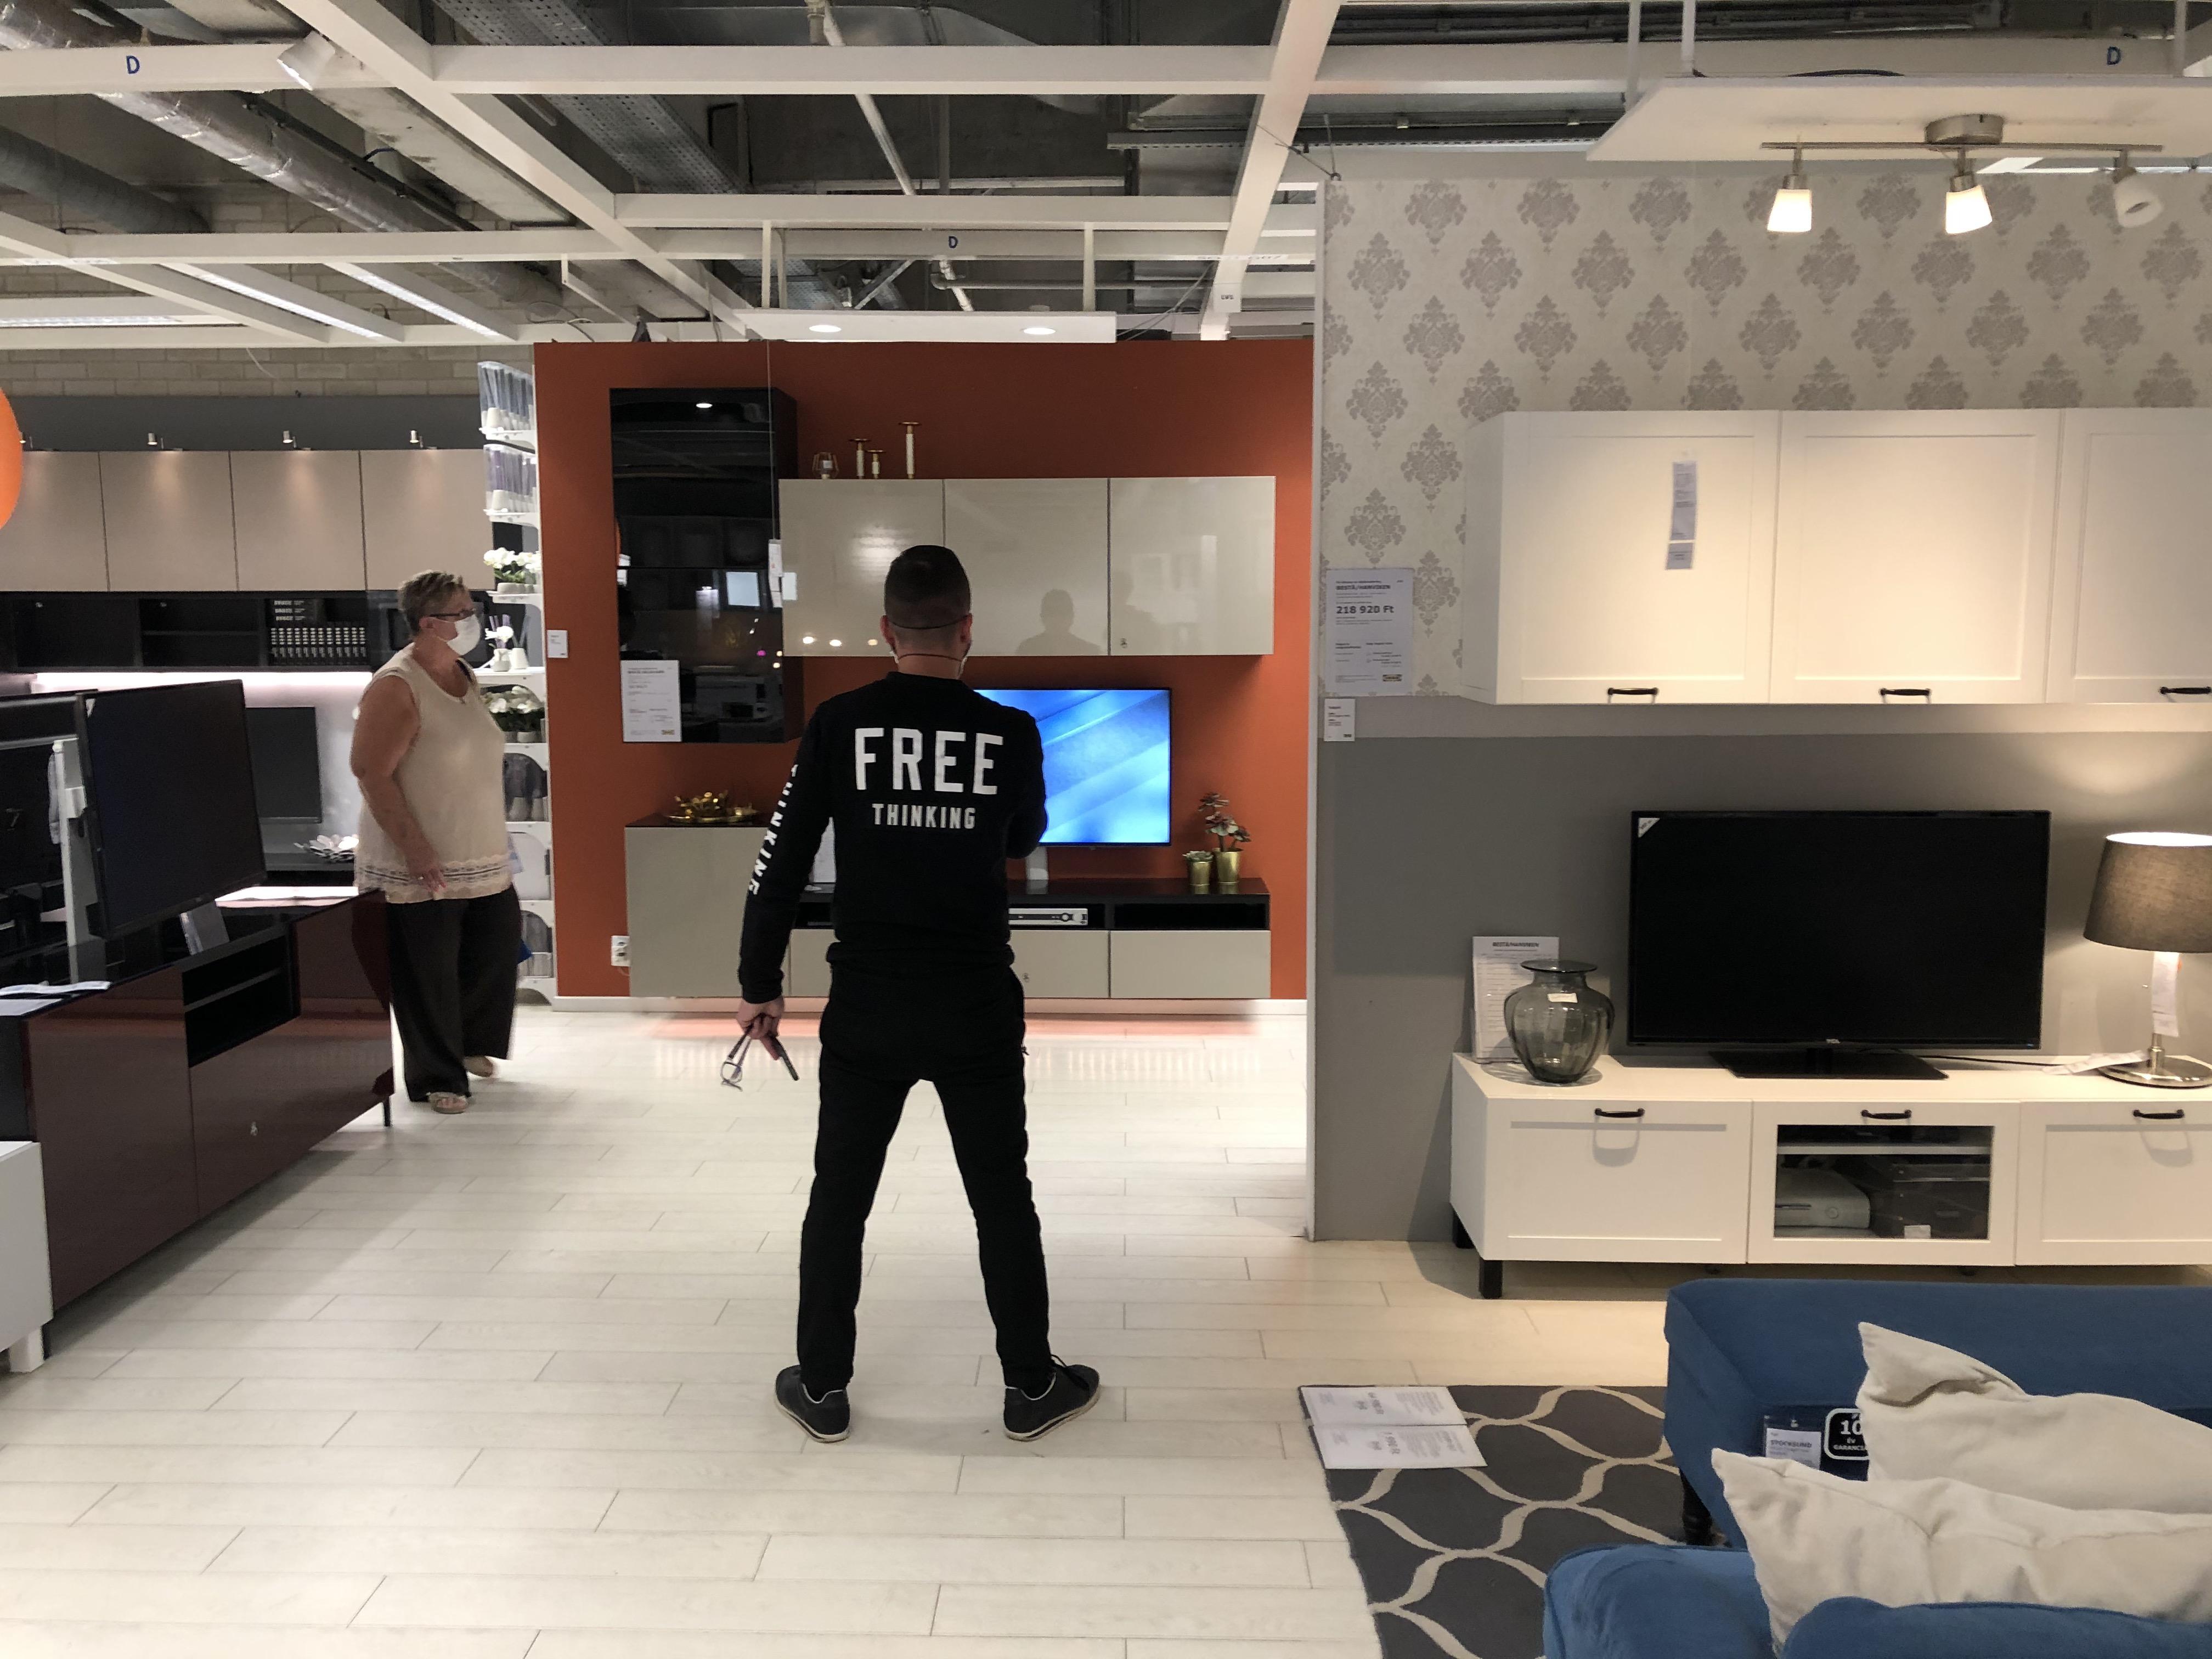 Intim környezetben tudtam együtt imádkozni néhány húsgolyóhívővel az újranyitott budaörsi IKEA-templomban